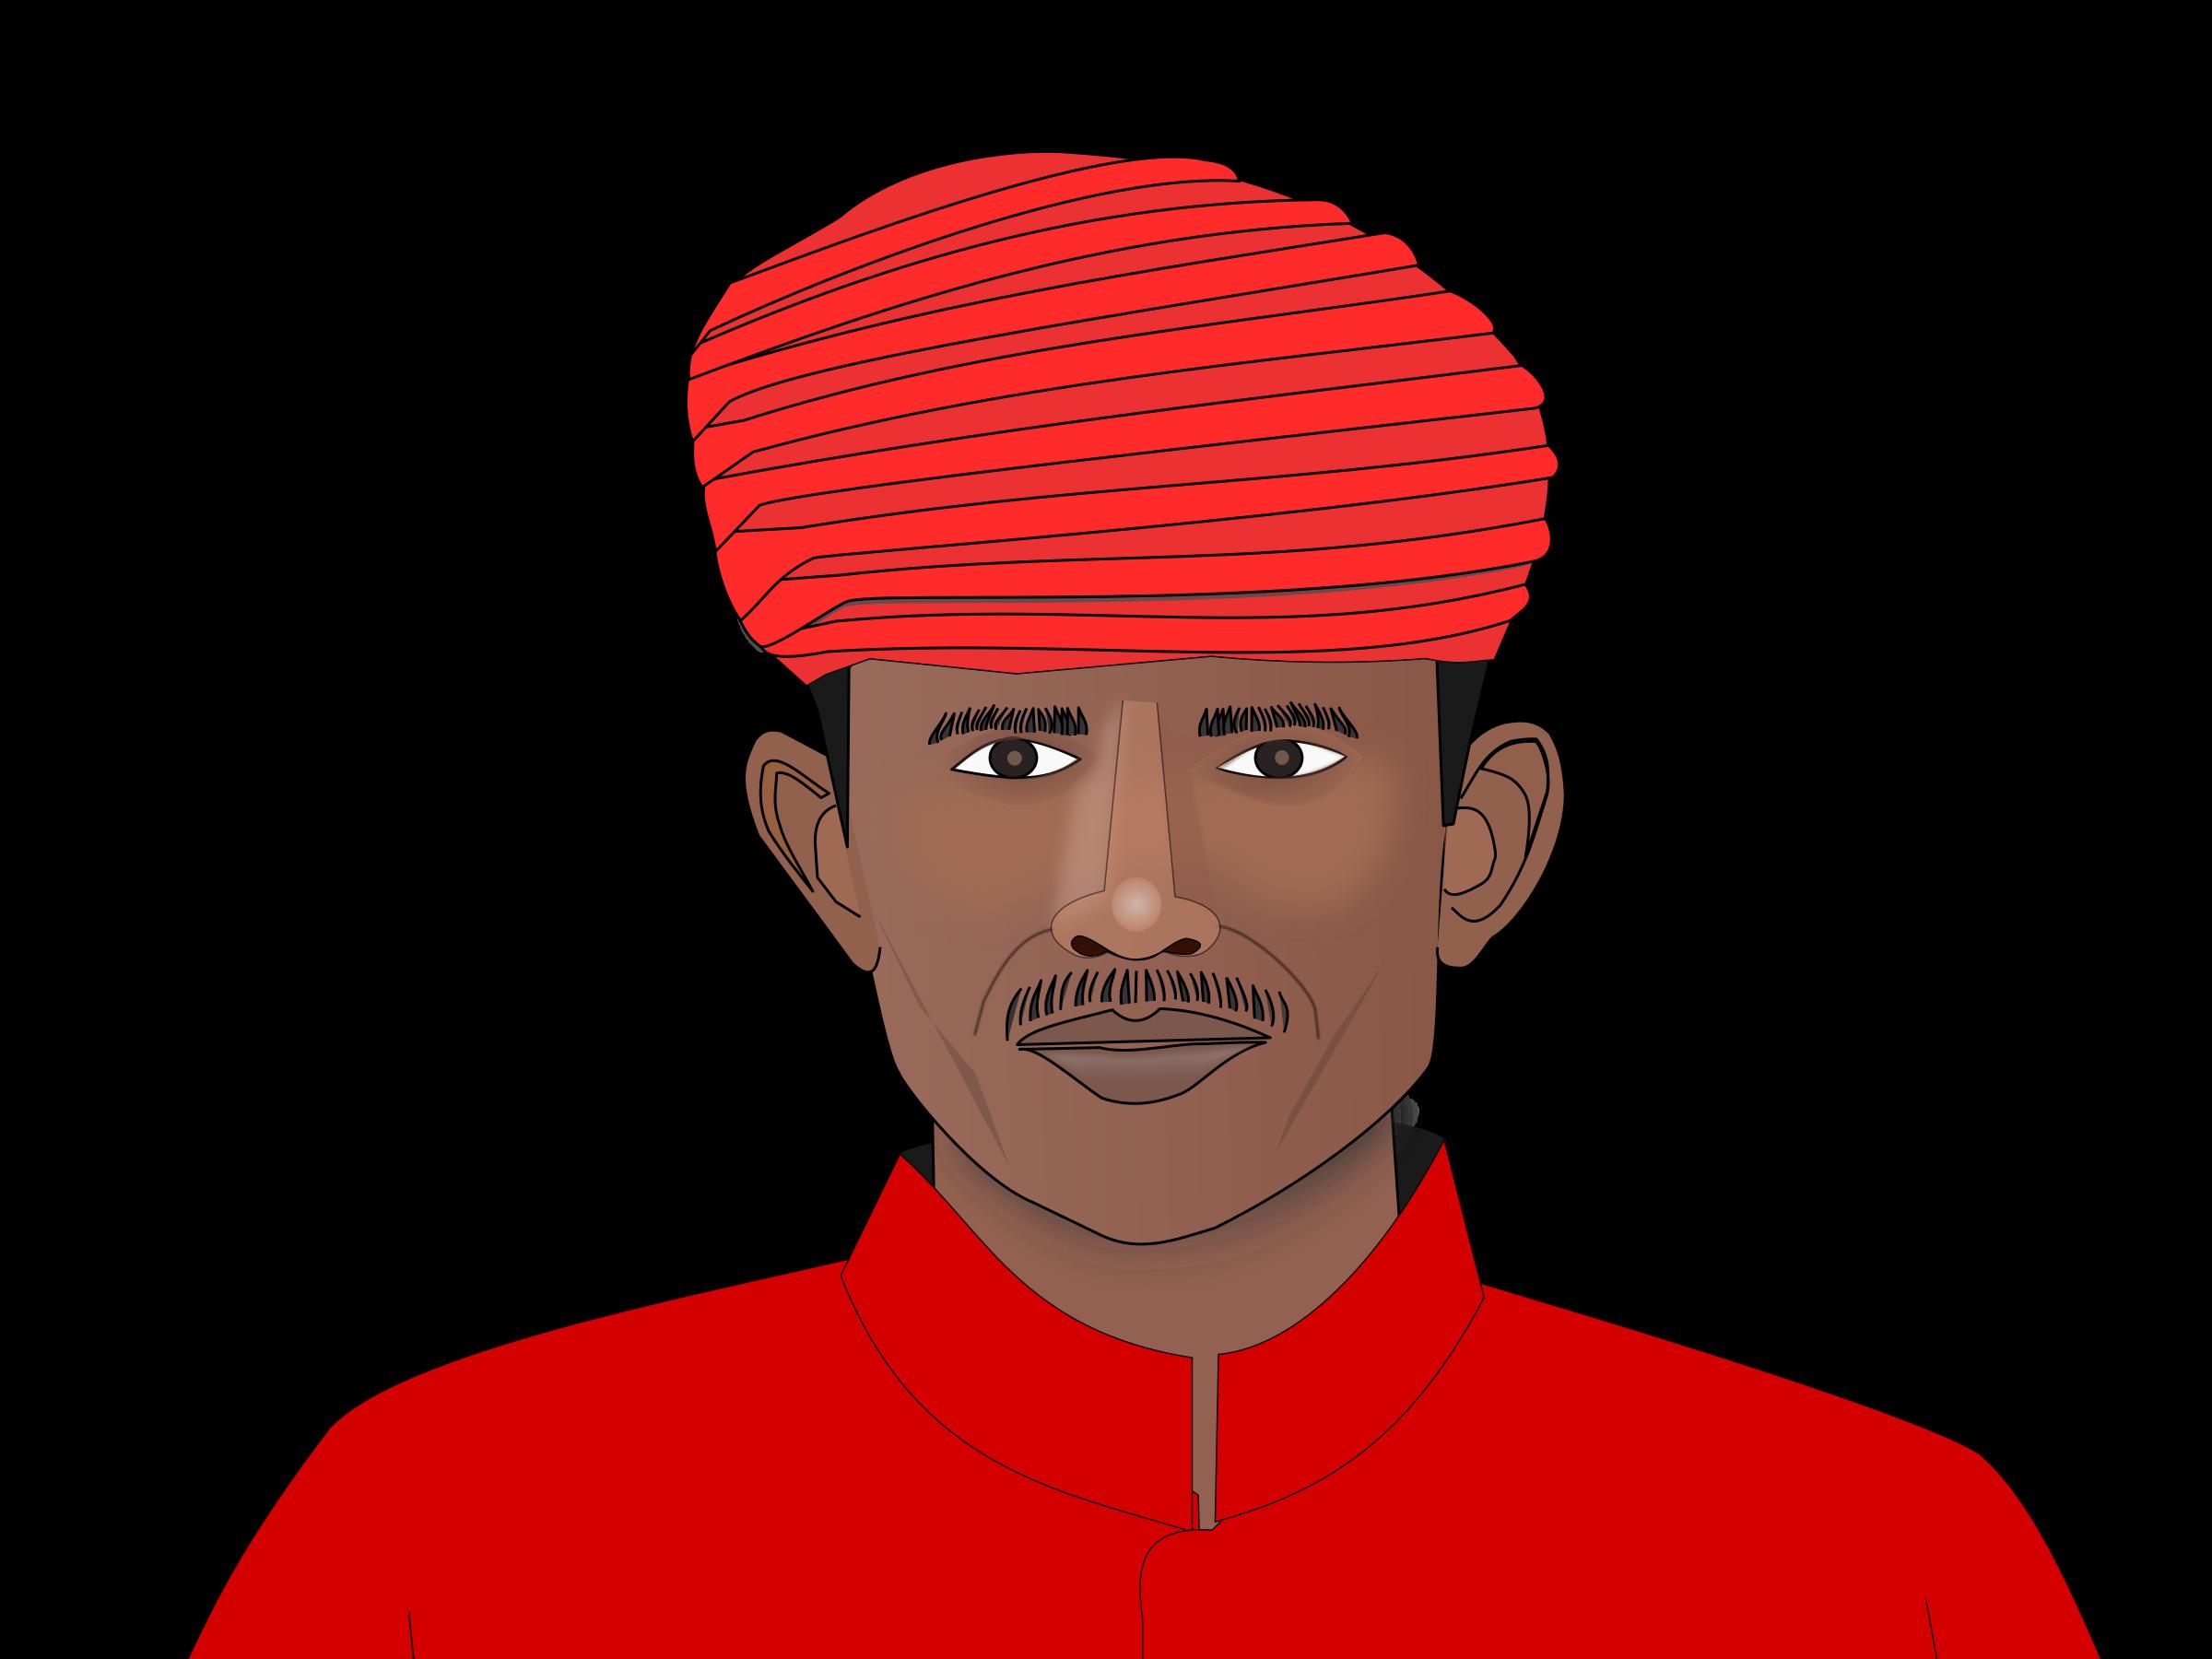 India clip art turban. Clipart man head